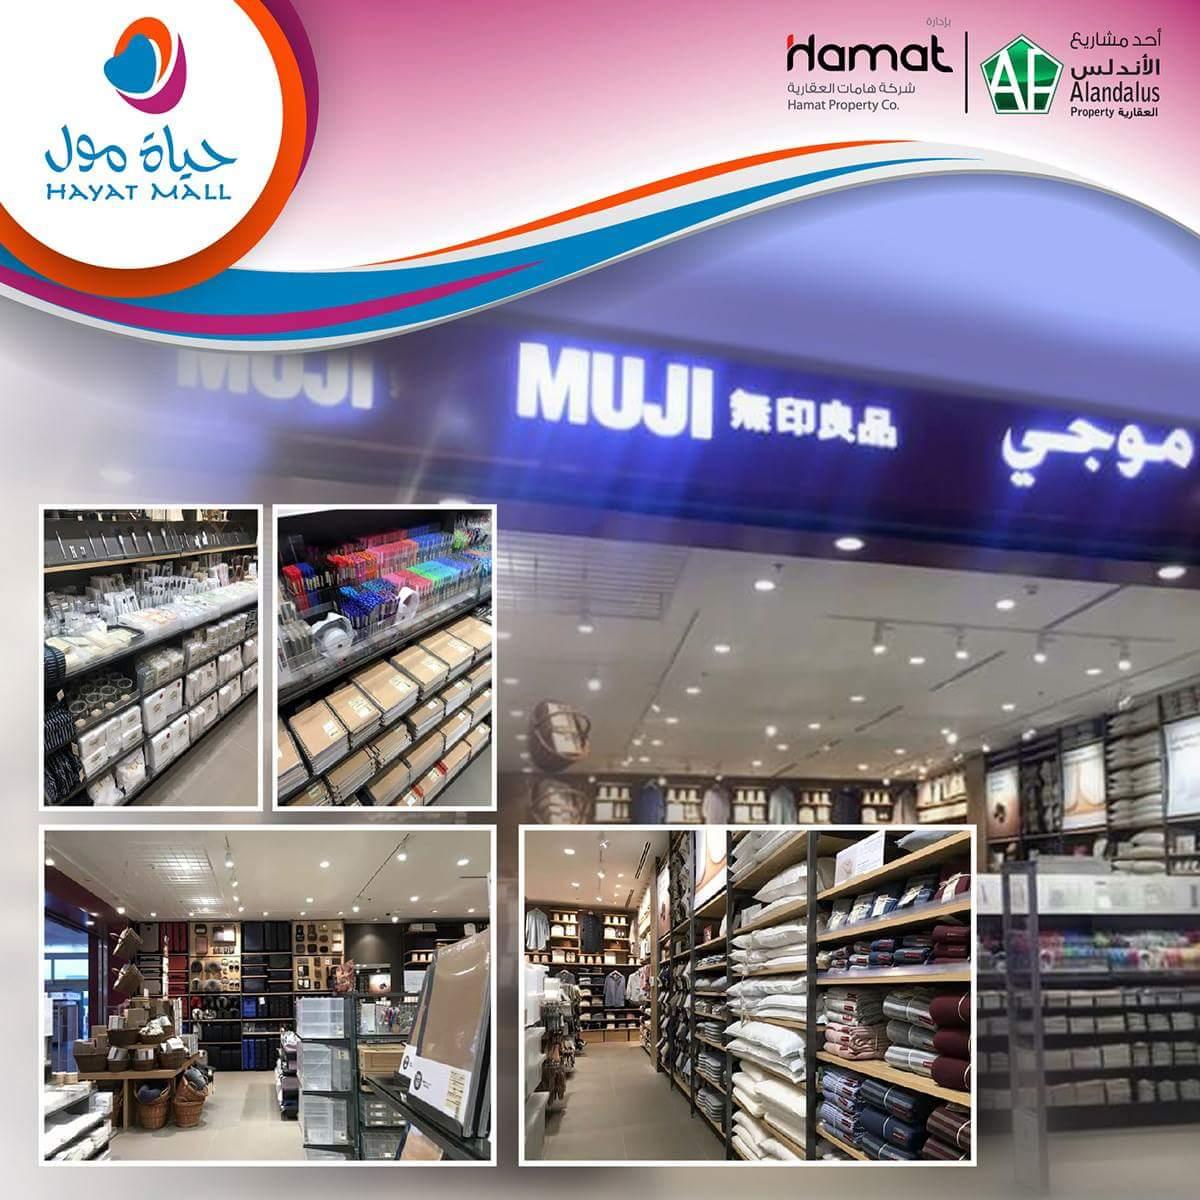 حياة مول Hayat Mall Twitterissa معرض موجي متعدد المواد والاستخدامات تم الافتتاح قرب بوابة ٤ حياكم حياة مول